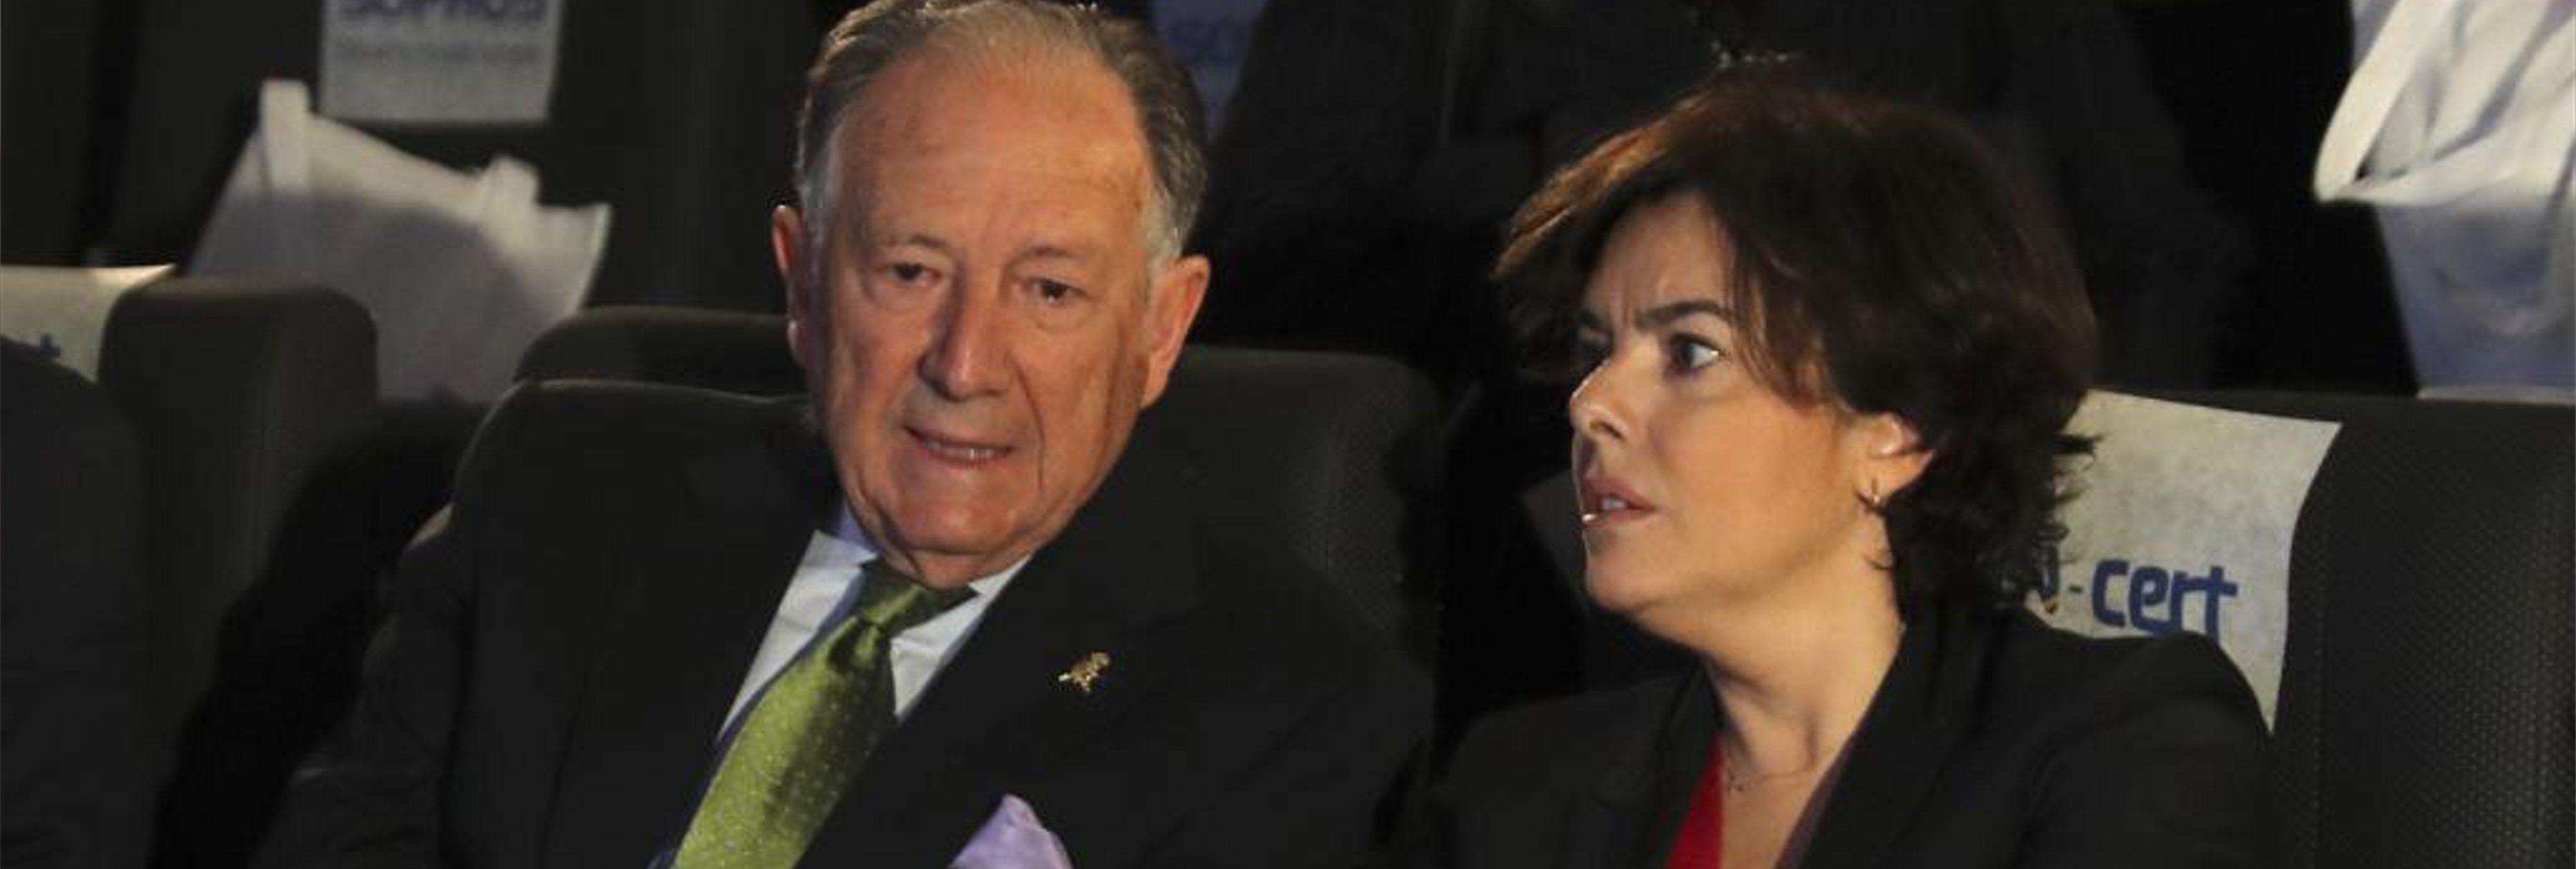 ¿Quién es Félix Sanz Roldán, la mano derecha de Soraya en el CNI que mantendrá Sánchez?